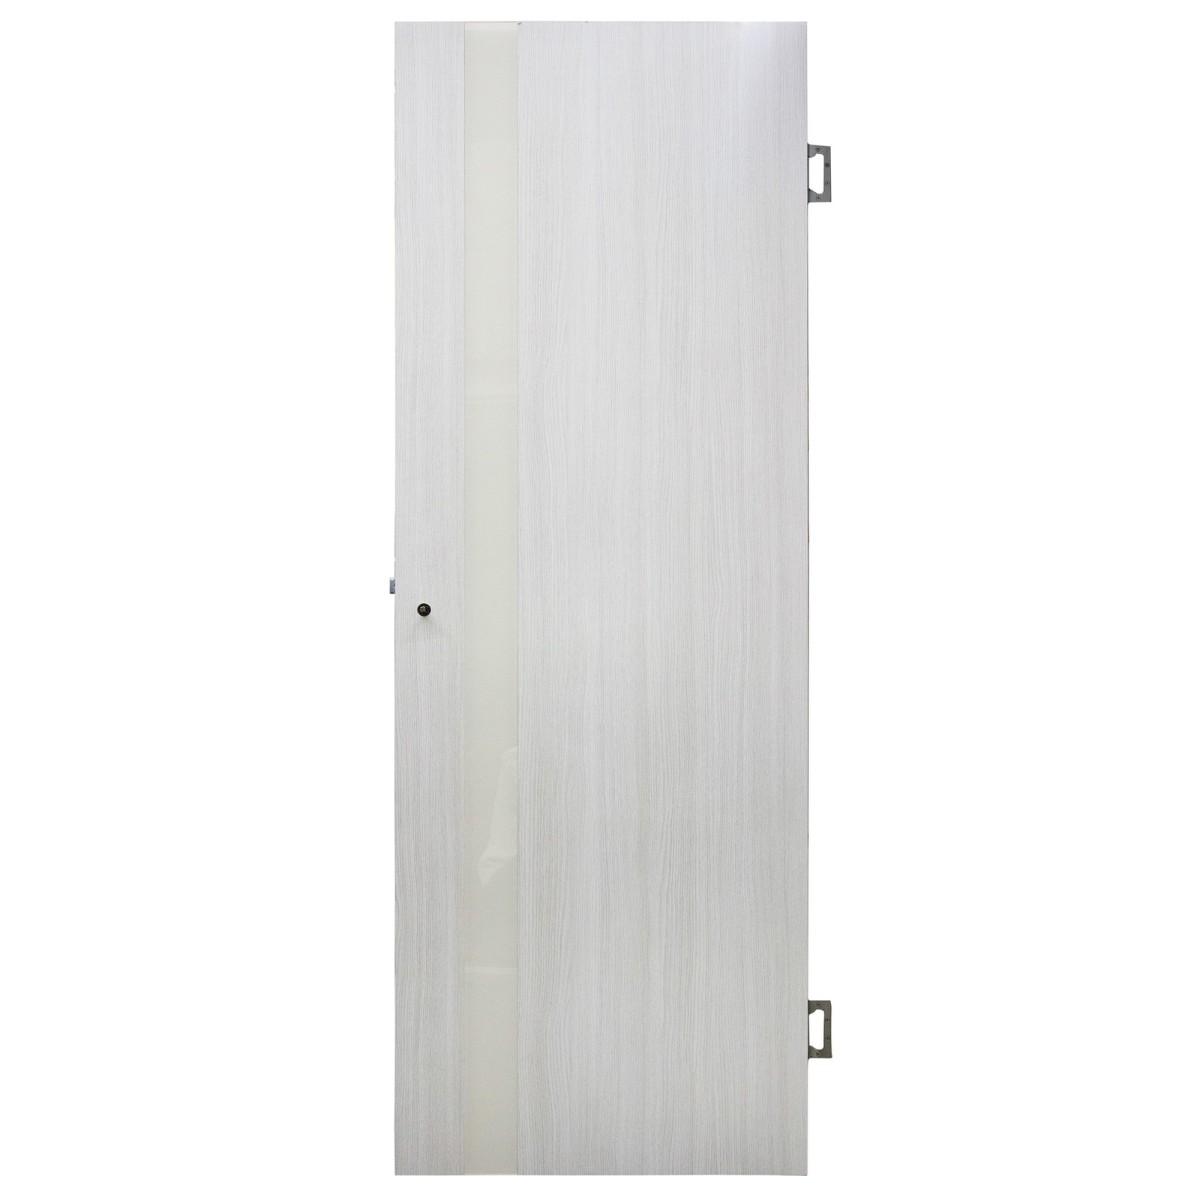 Дверь Межкомнатная Остеклённая Марсель Пвх 90x200 Белёный Дуб